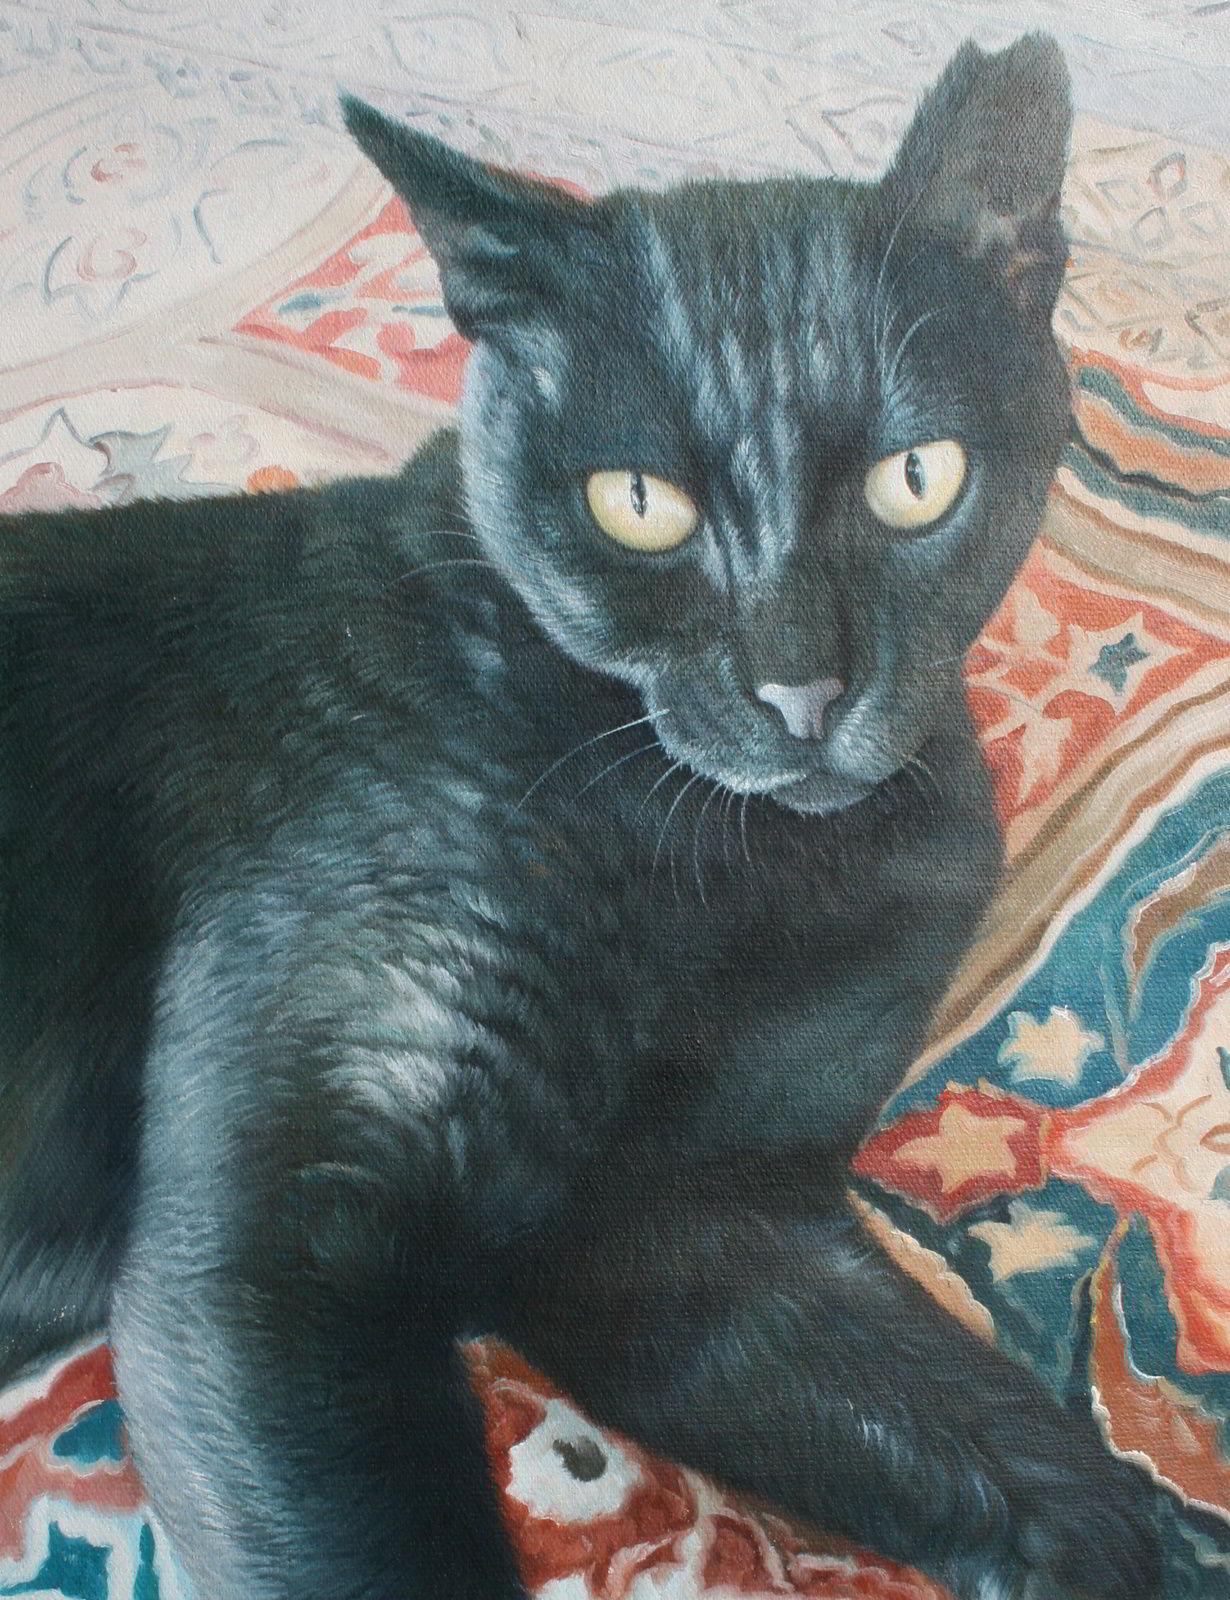 tierportrait einer katze als lgem lde vom foto gemaelde foto kunstkopie oelgemaelde. Black Bedroom Furniture Sets. Home Design Ideas